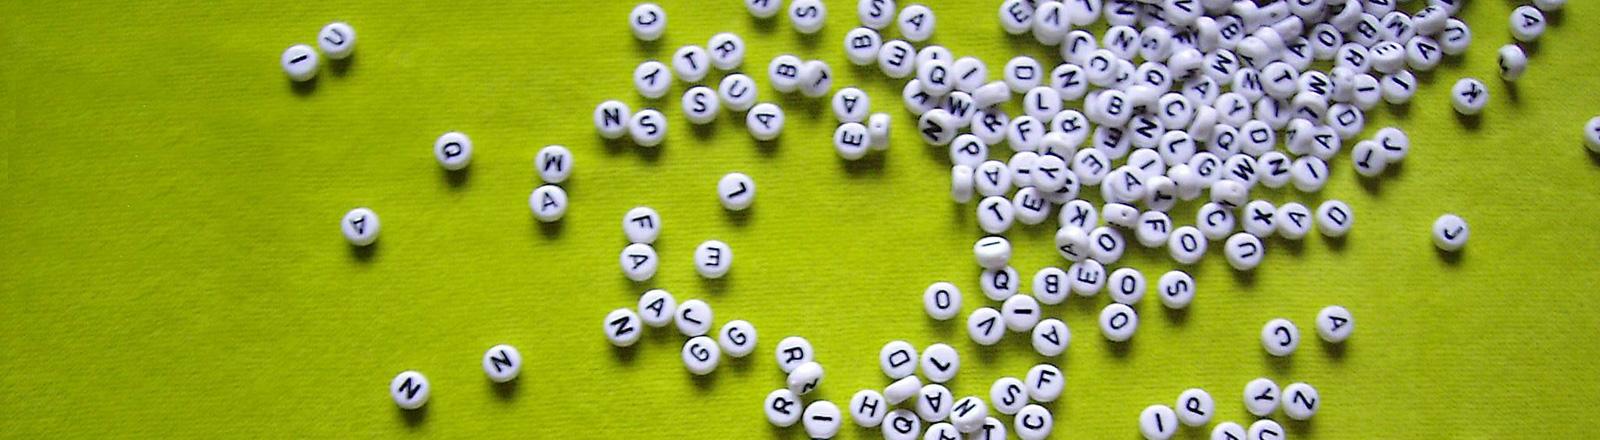 Buchstaben vor grünem Grund